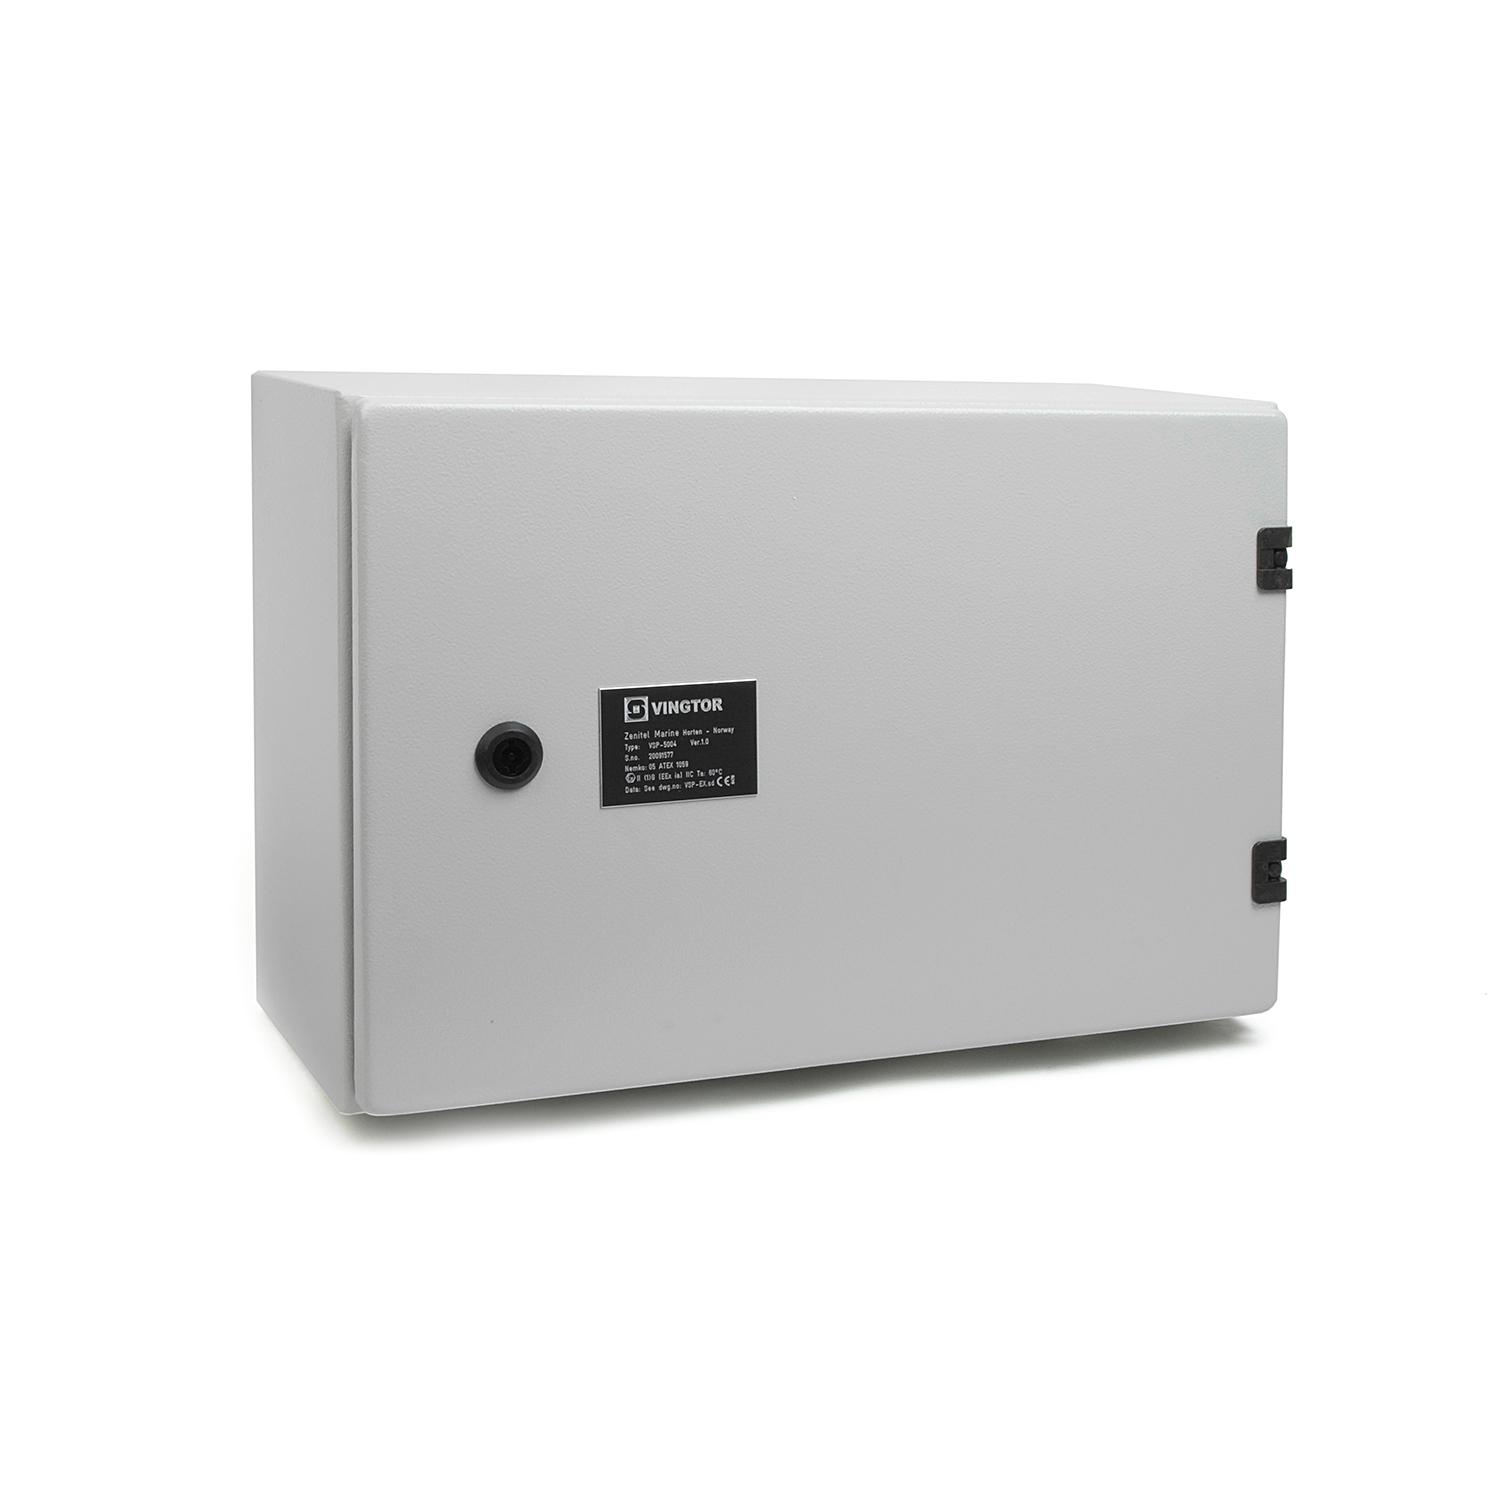 VSP-5004/1